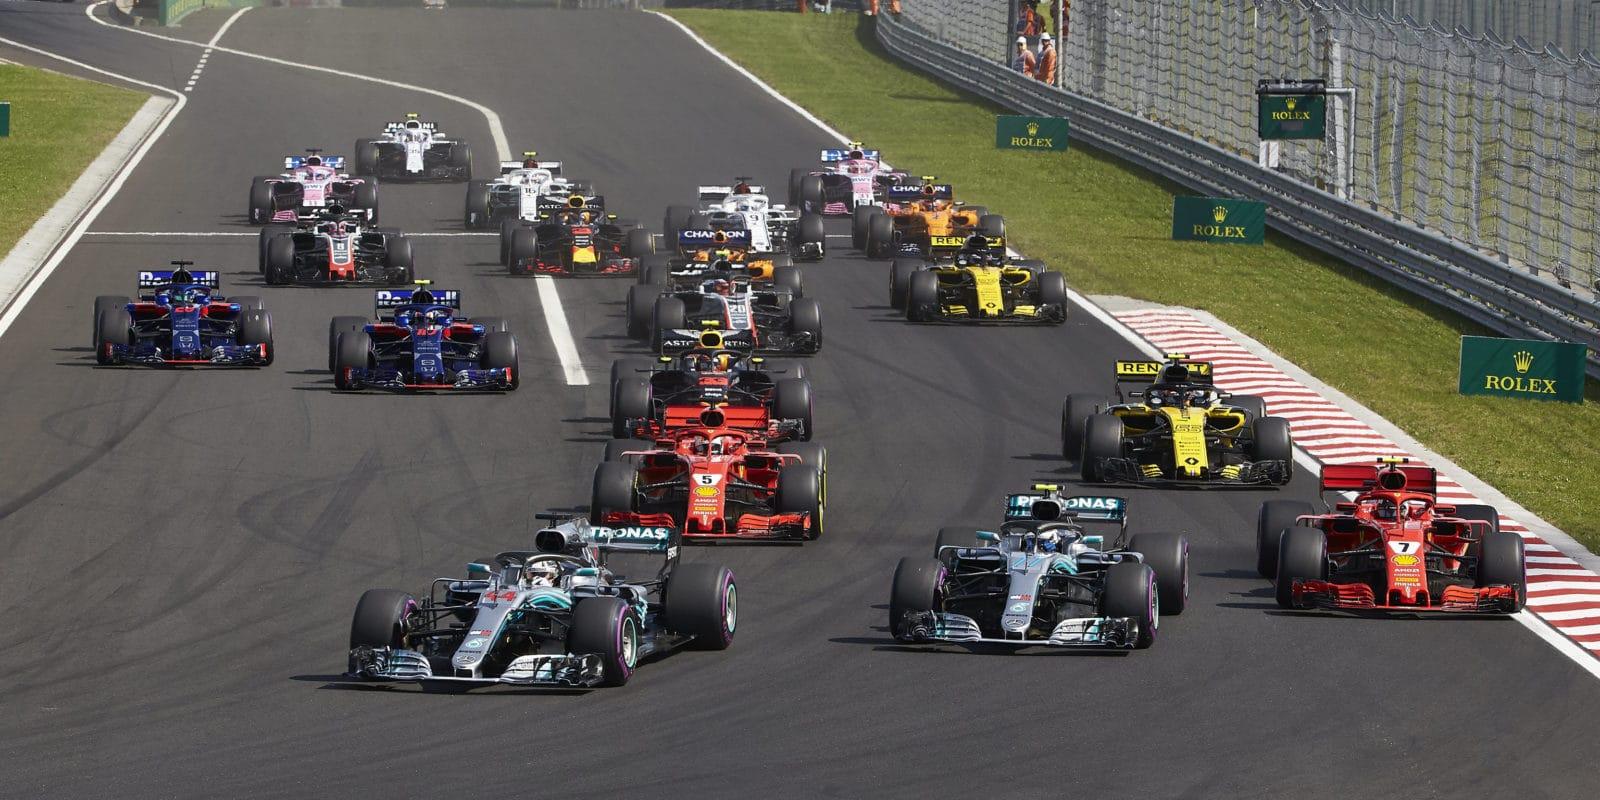 Renault: Snovými pravidly sepřiblížíme top týmům